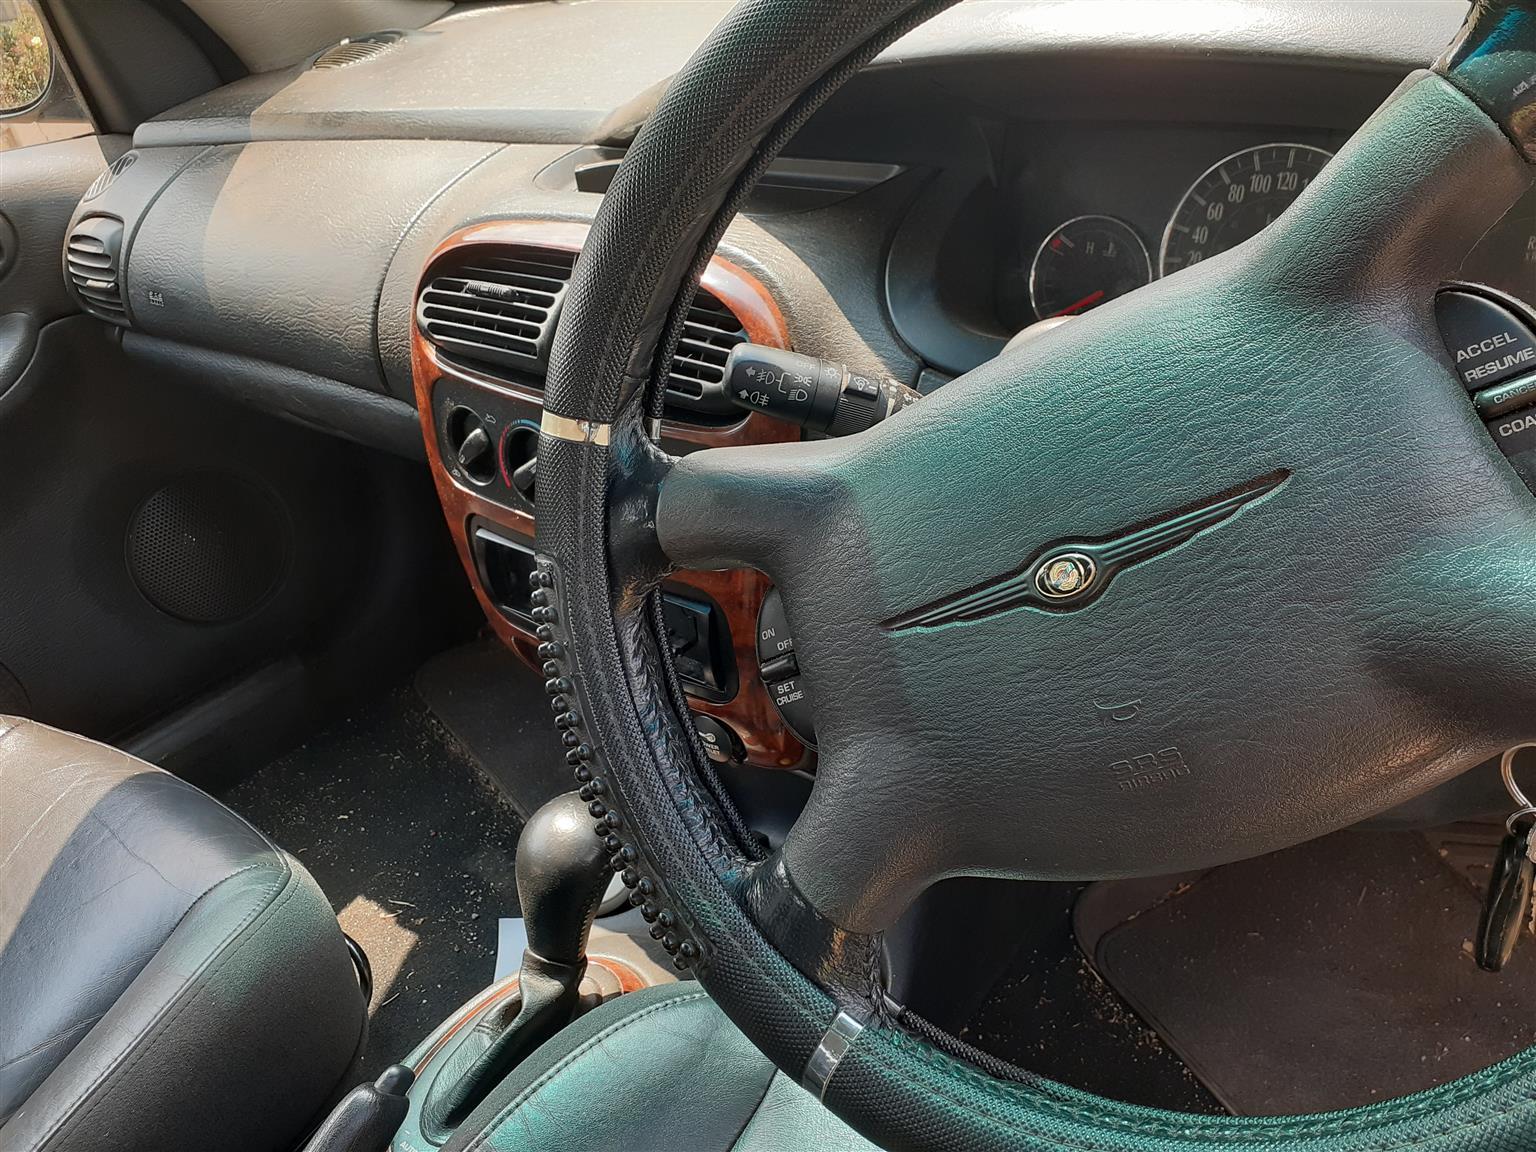 2005 Chrysler Neon